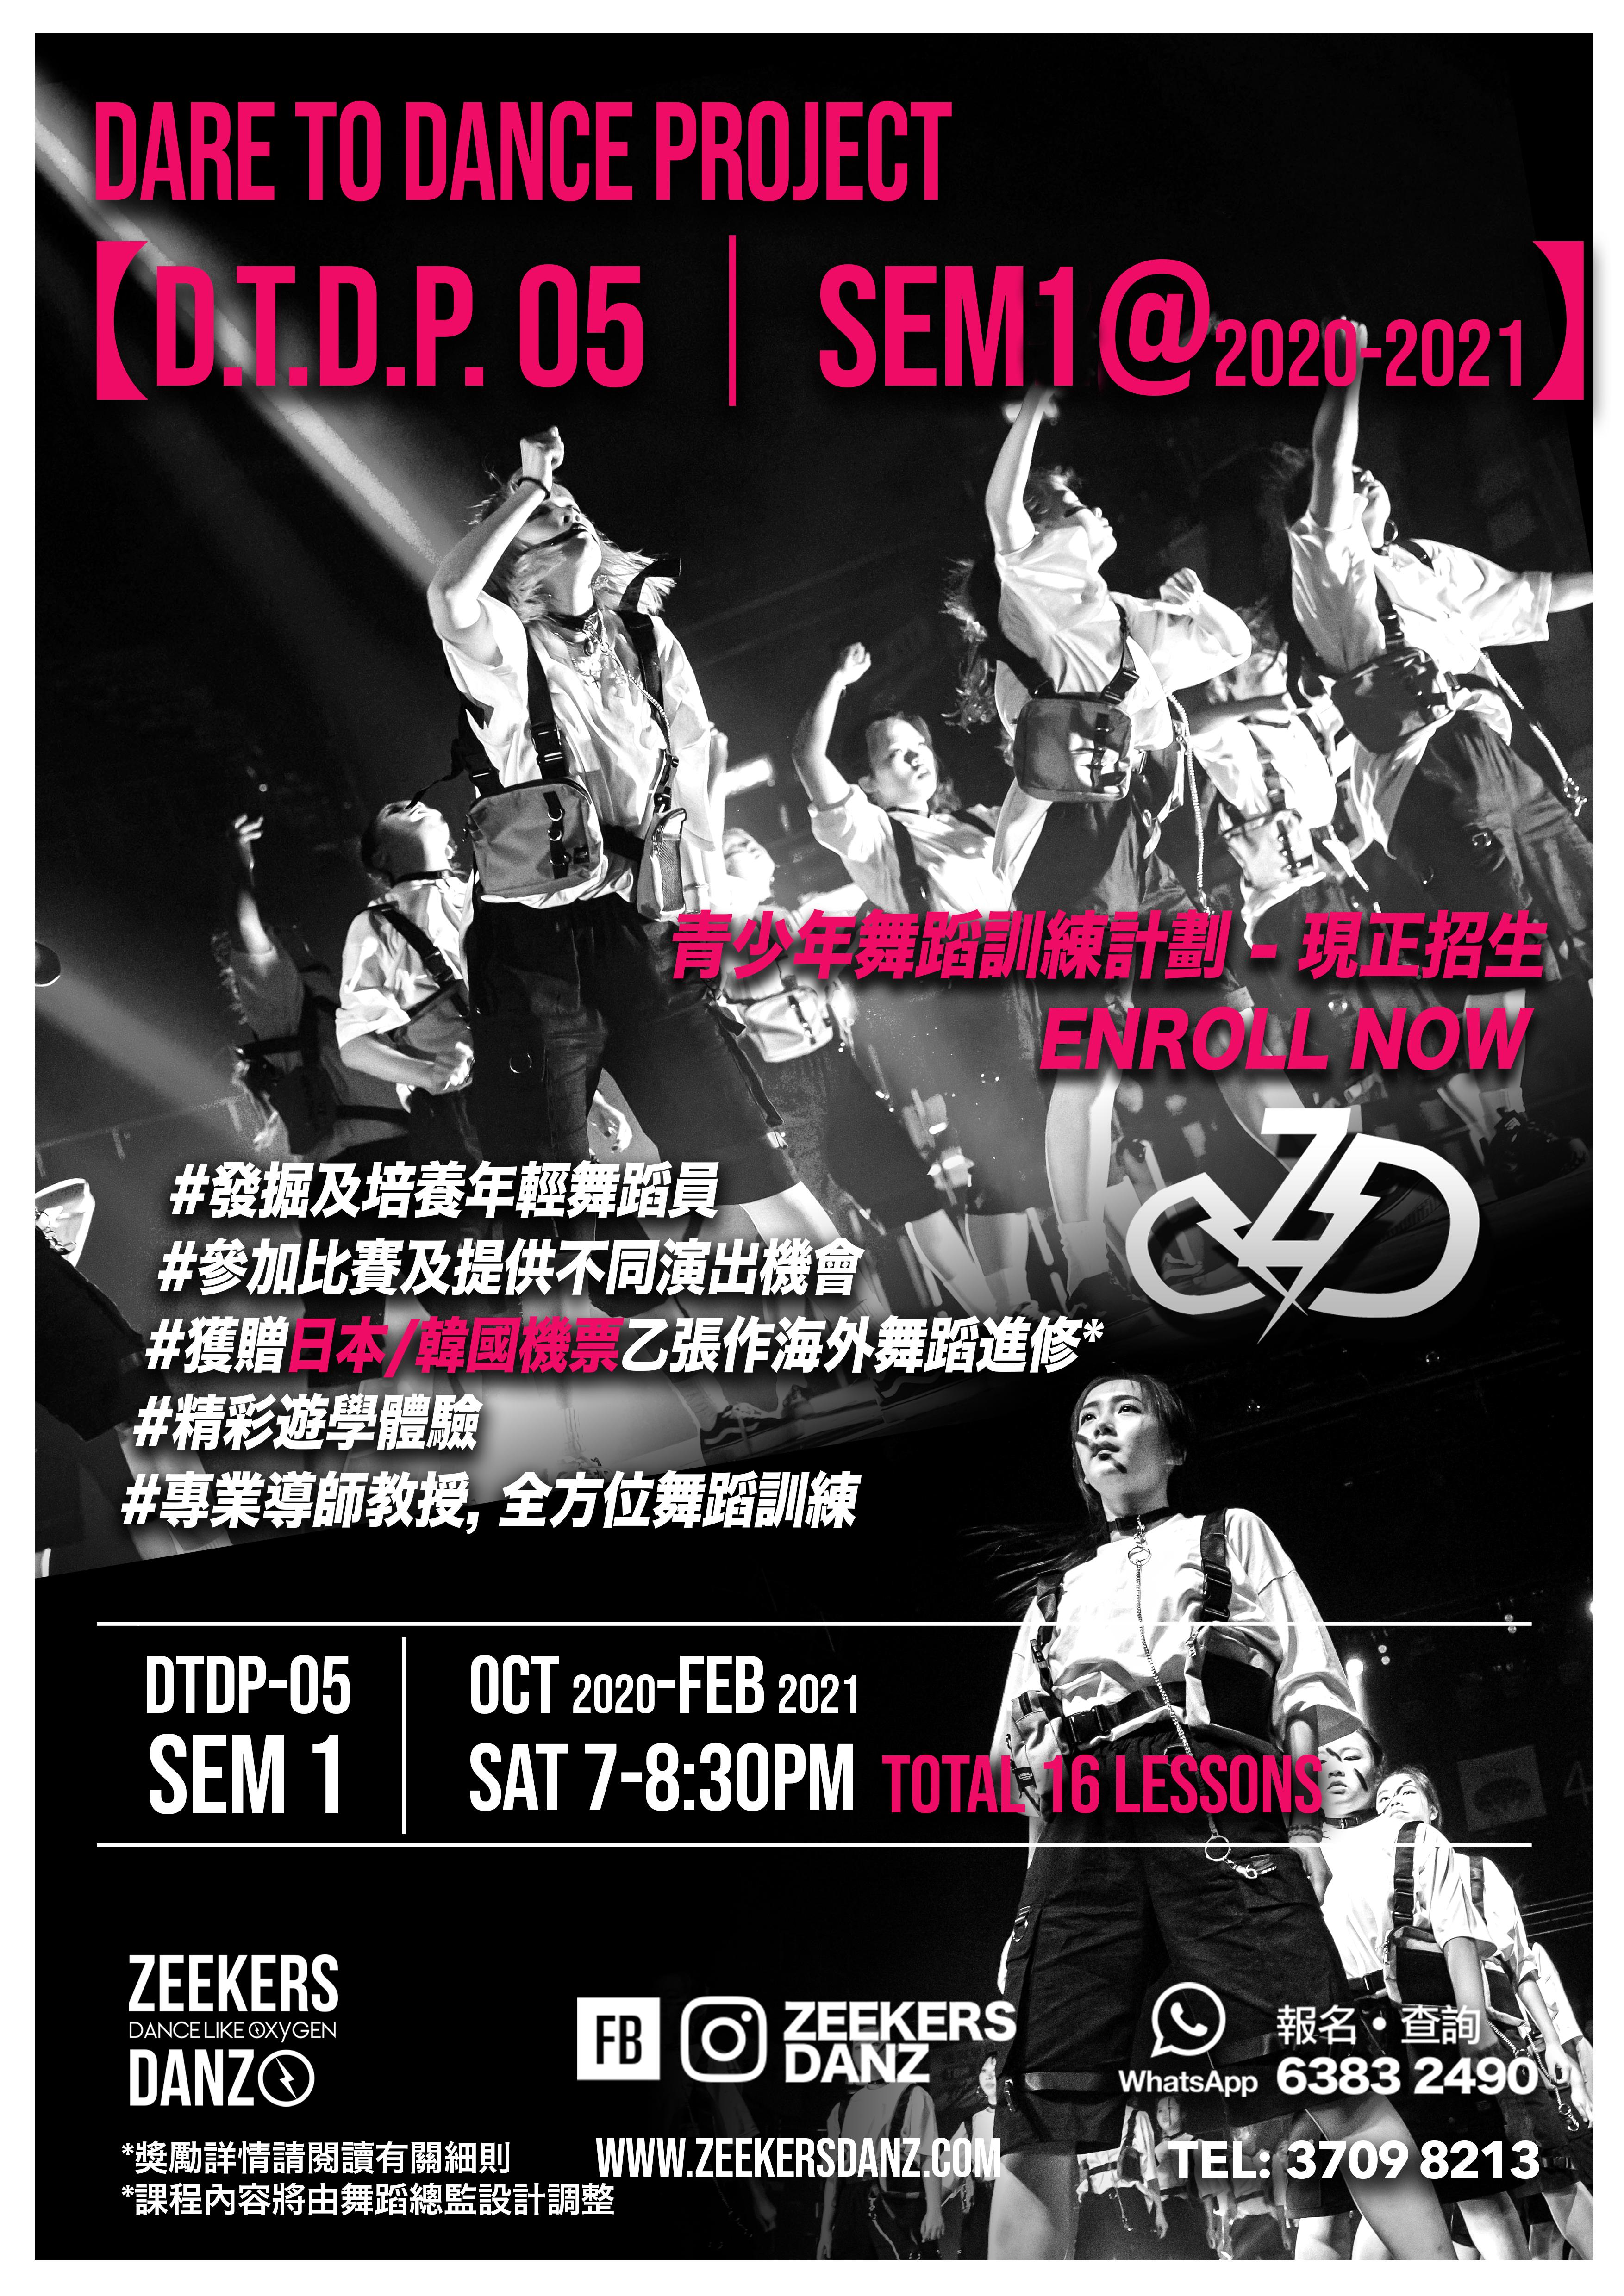 【D.T.D.P. 05丨2020-2021】 Dare To Dance舞蹈訓練計劃